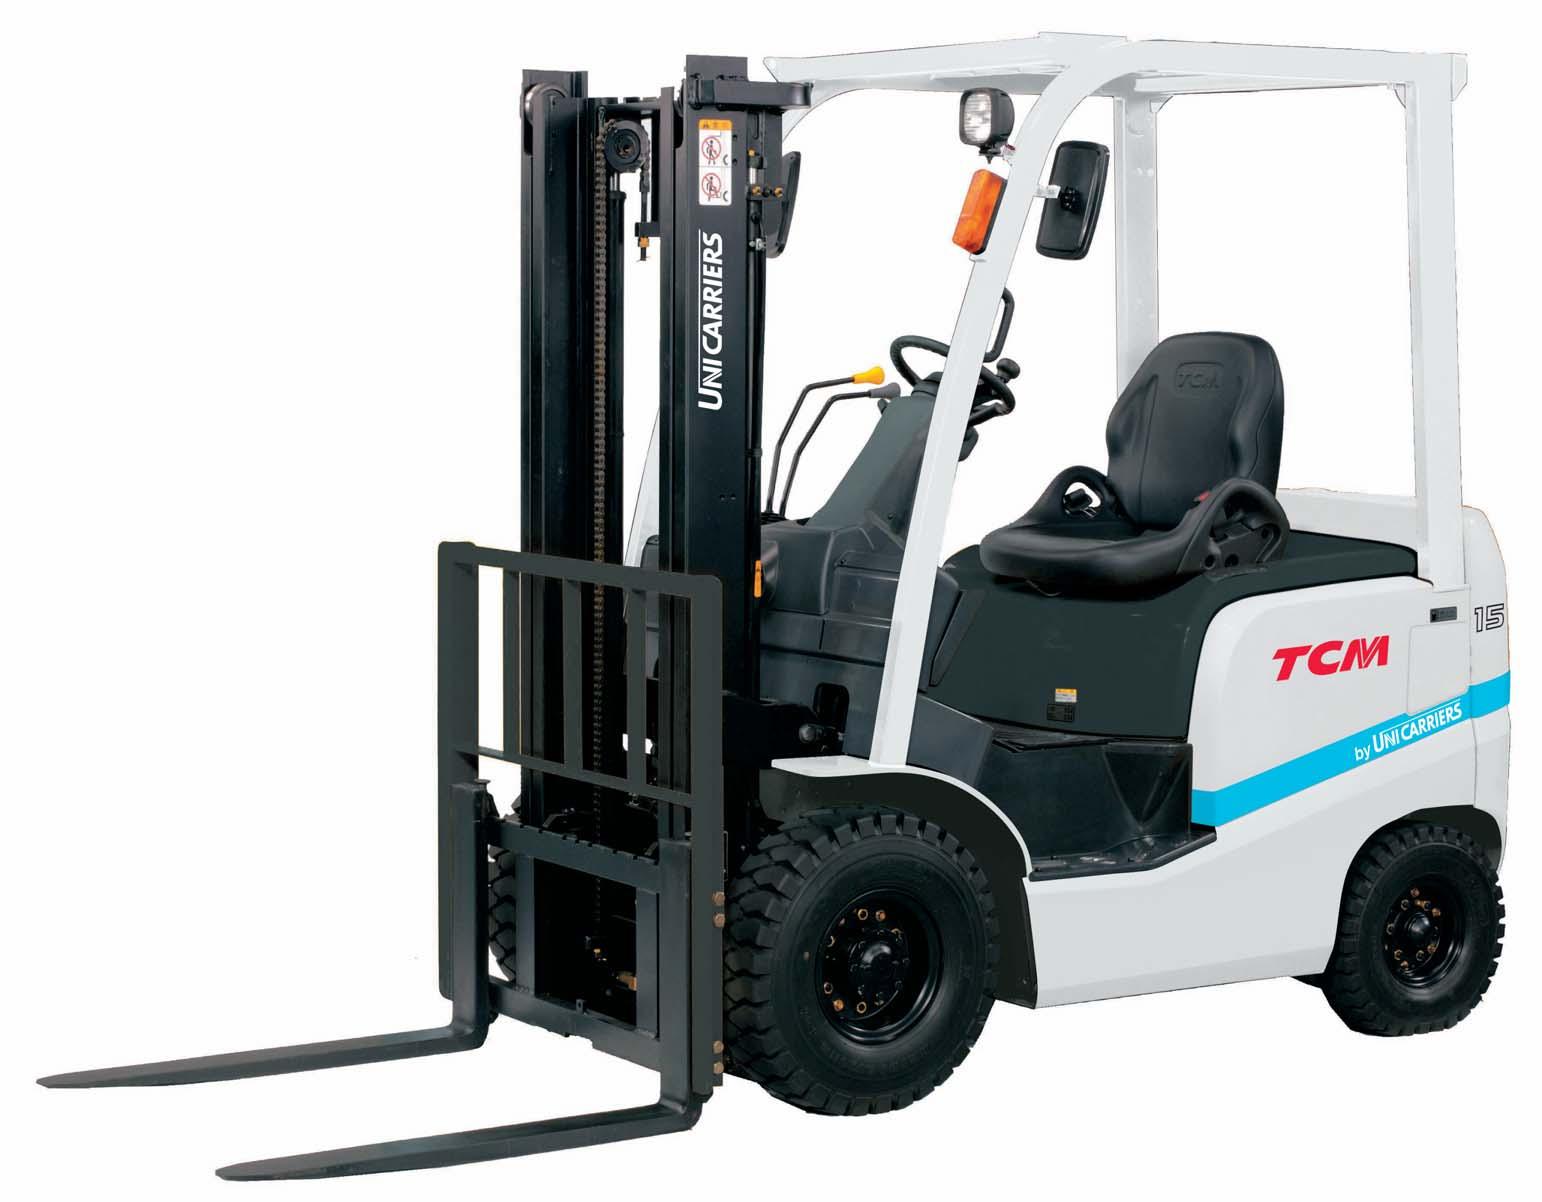 TCM FHG15C3